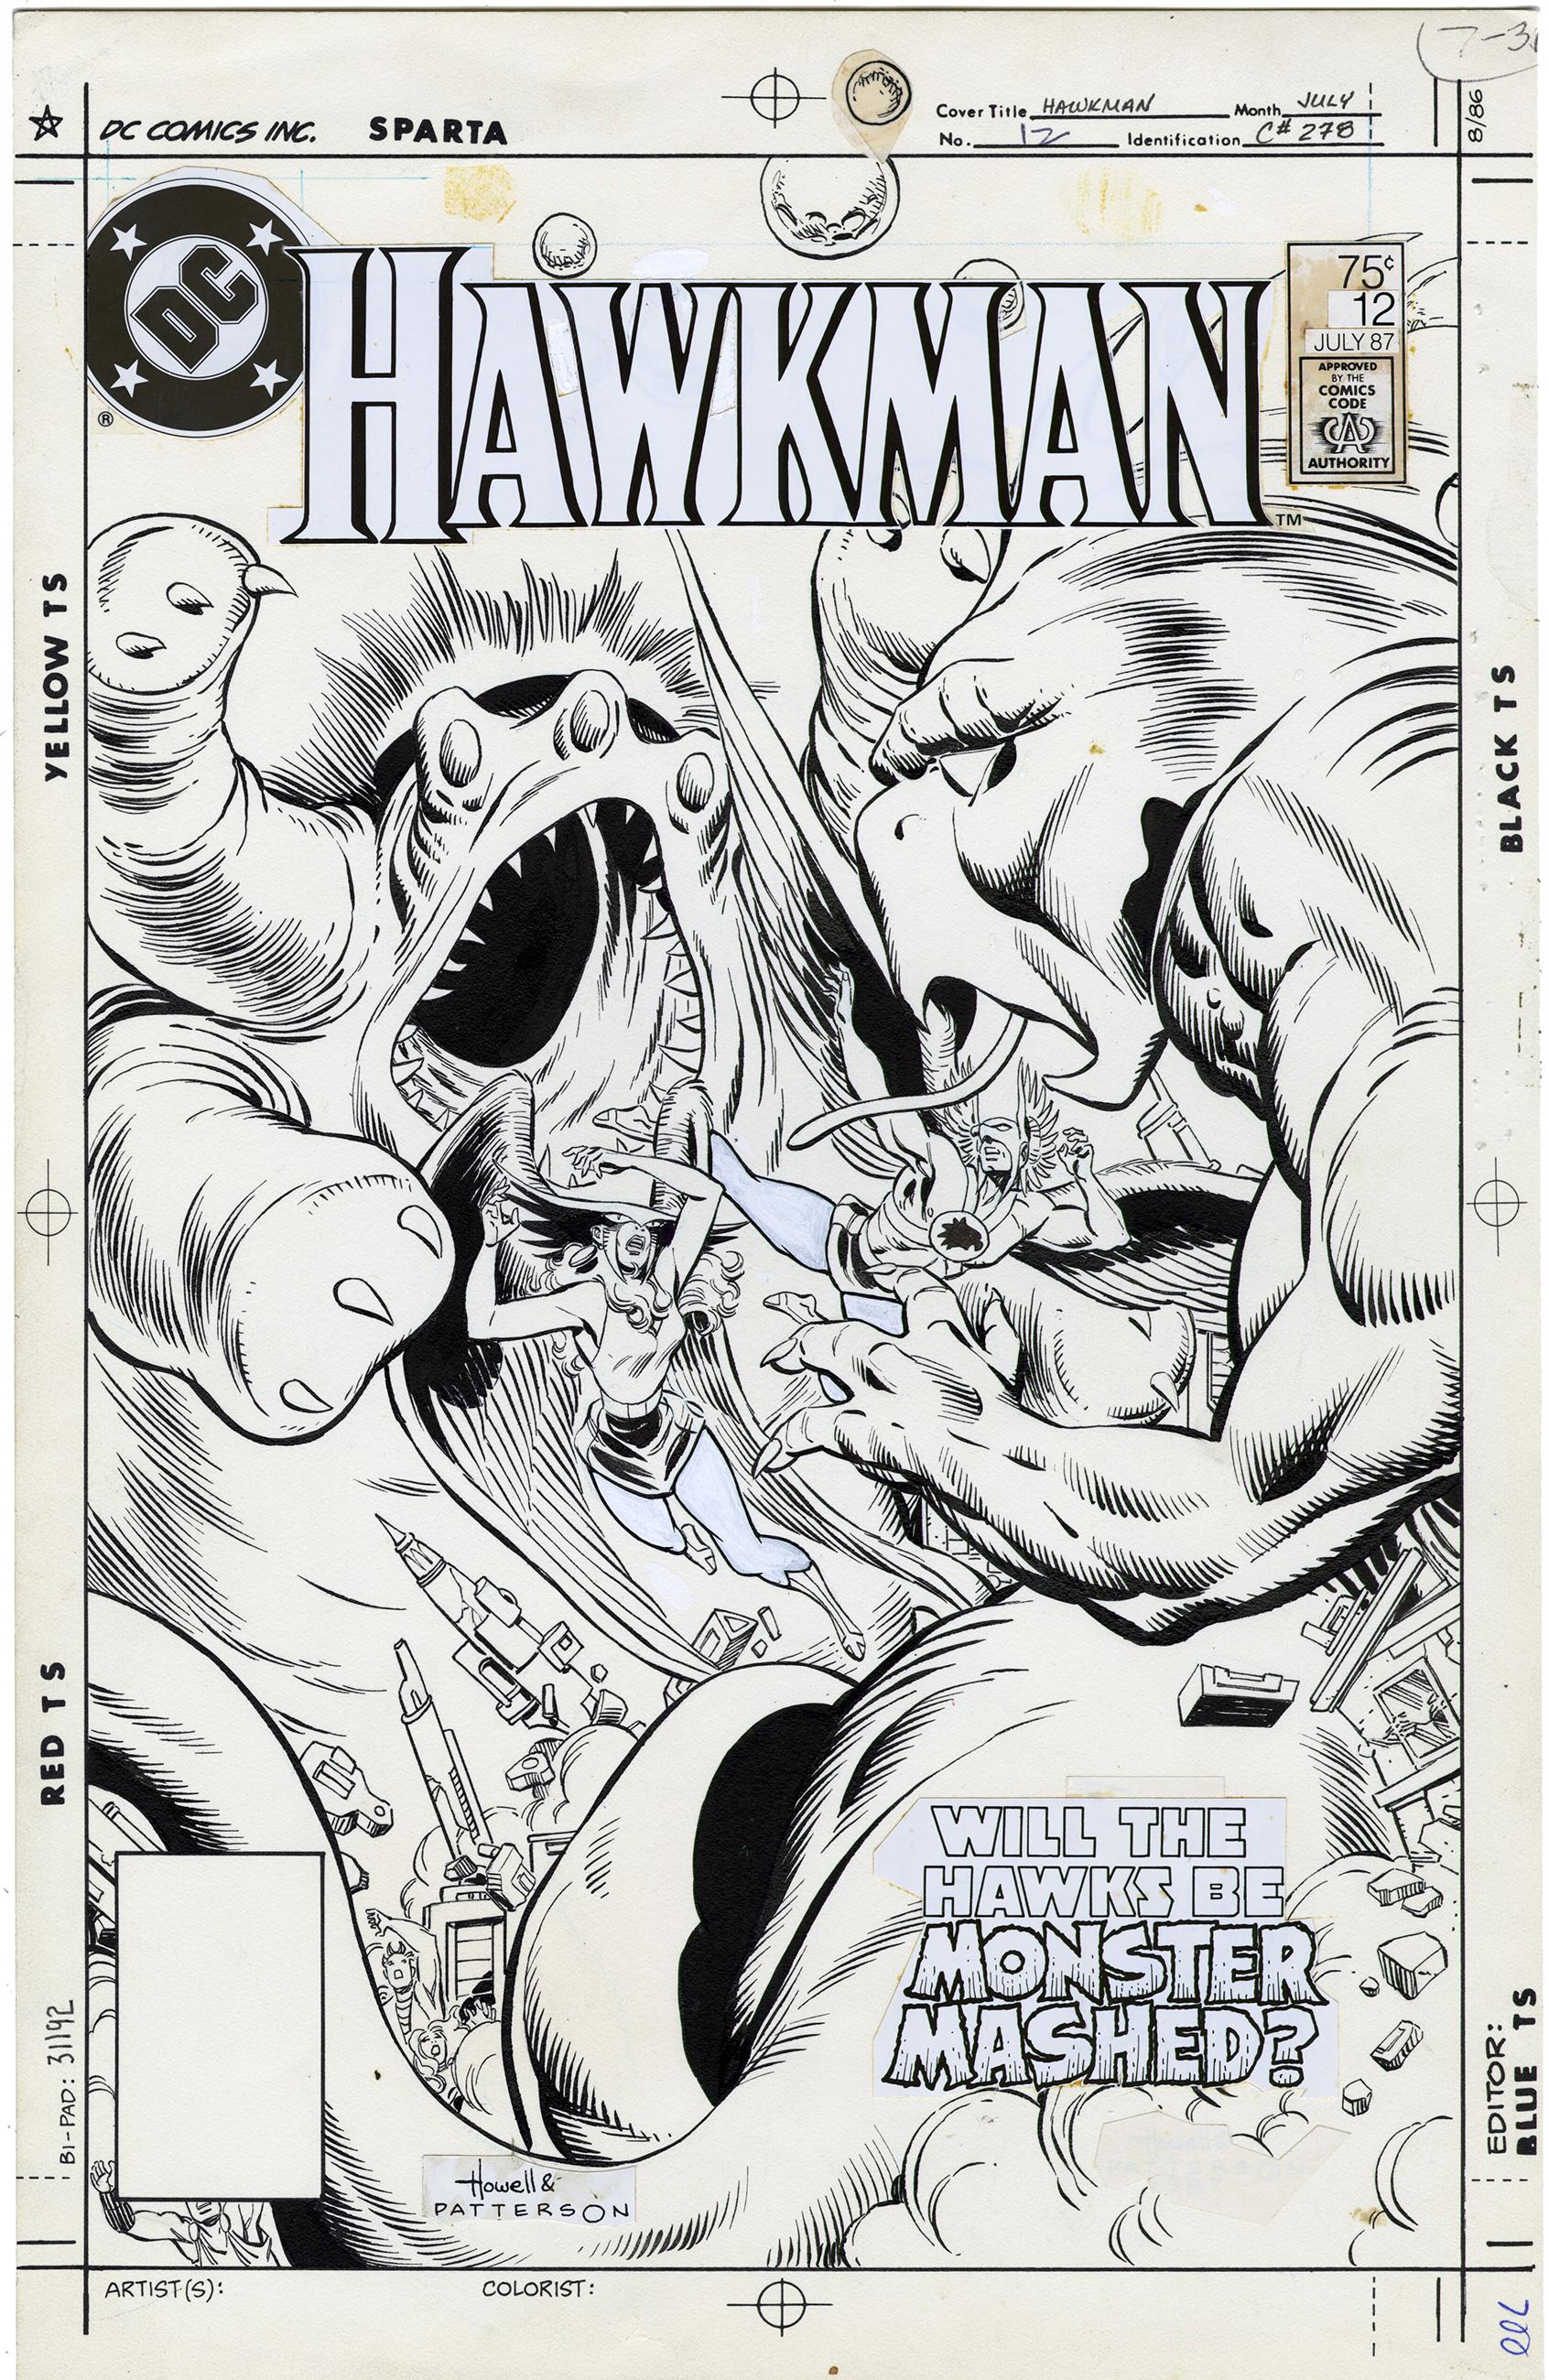 Hawkman #12 Cover